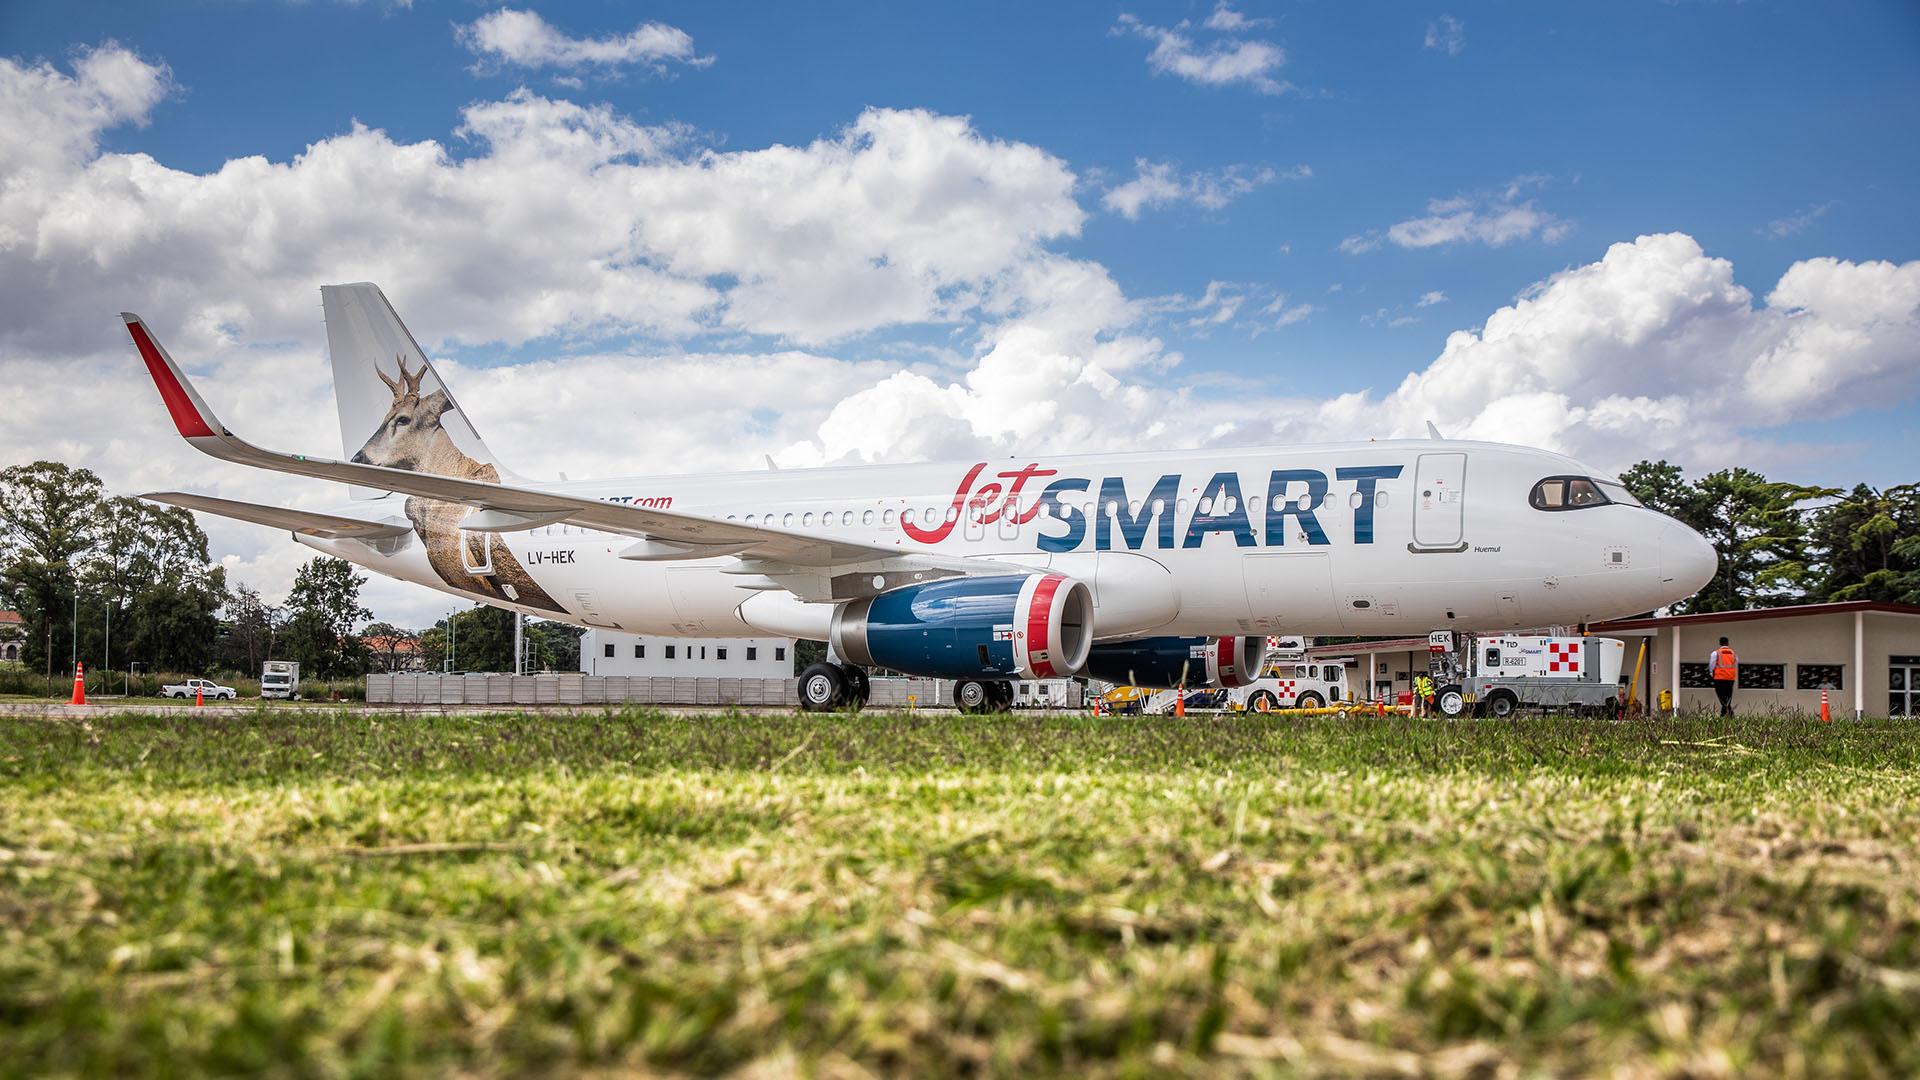 Jetsmart, la nueva low cost que se suma al mercado en 2019